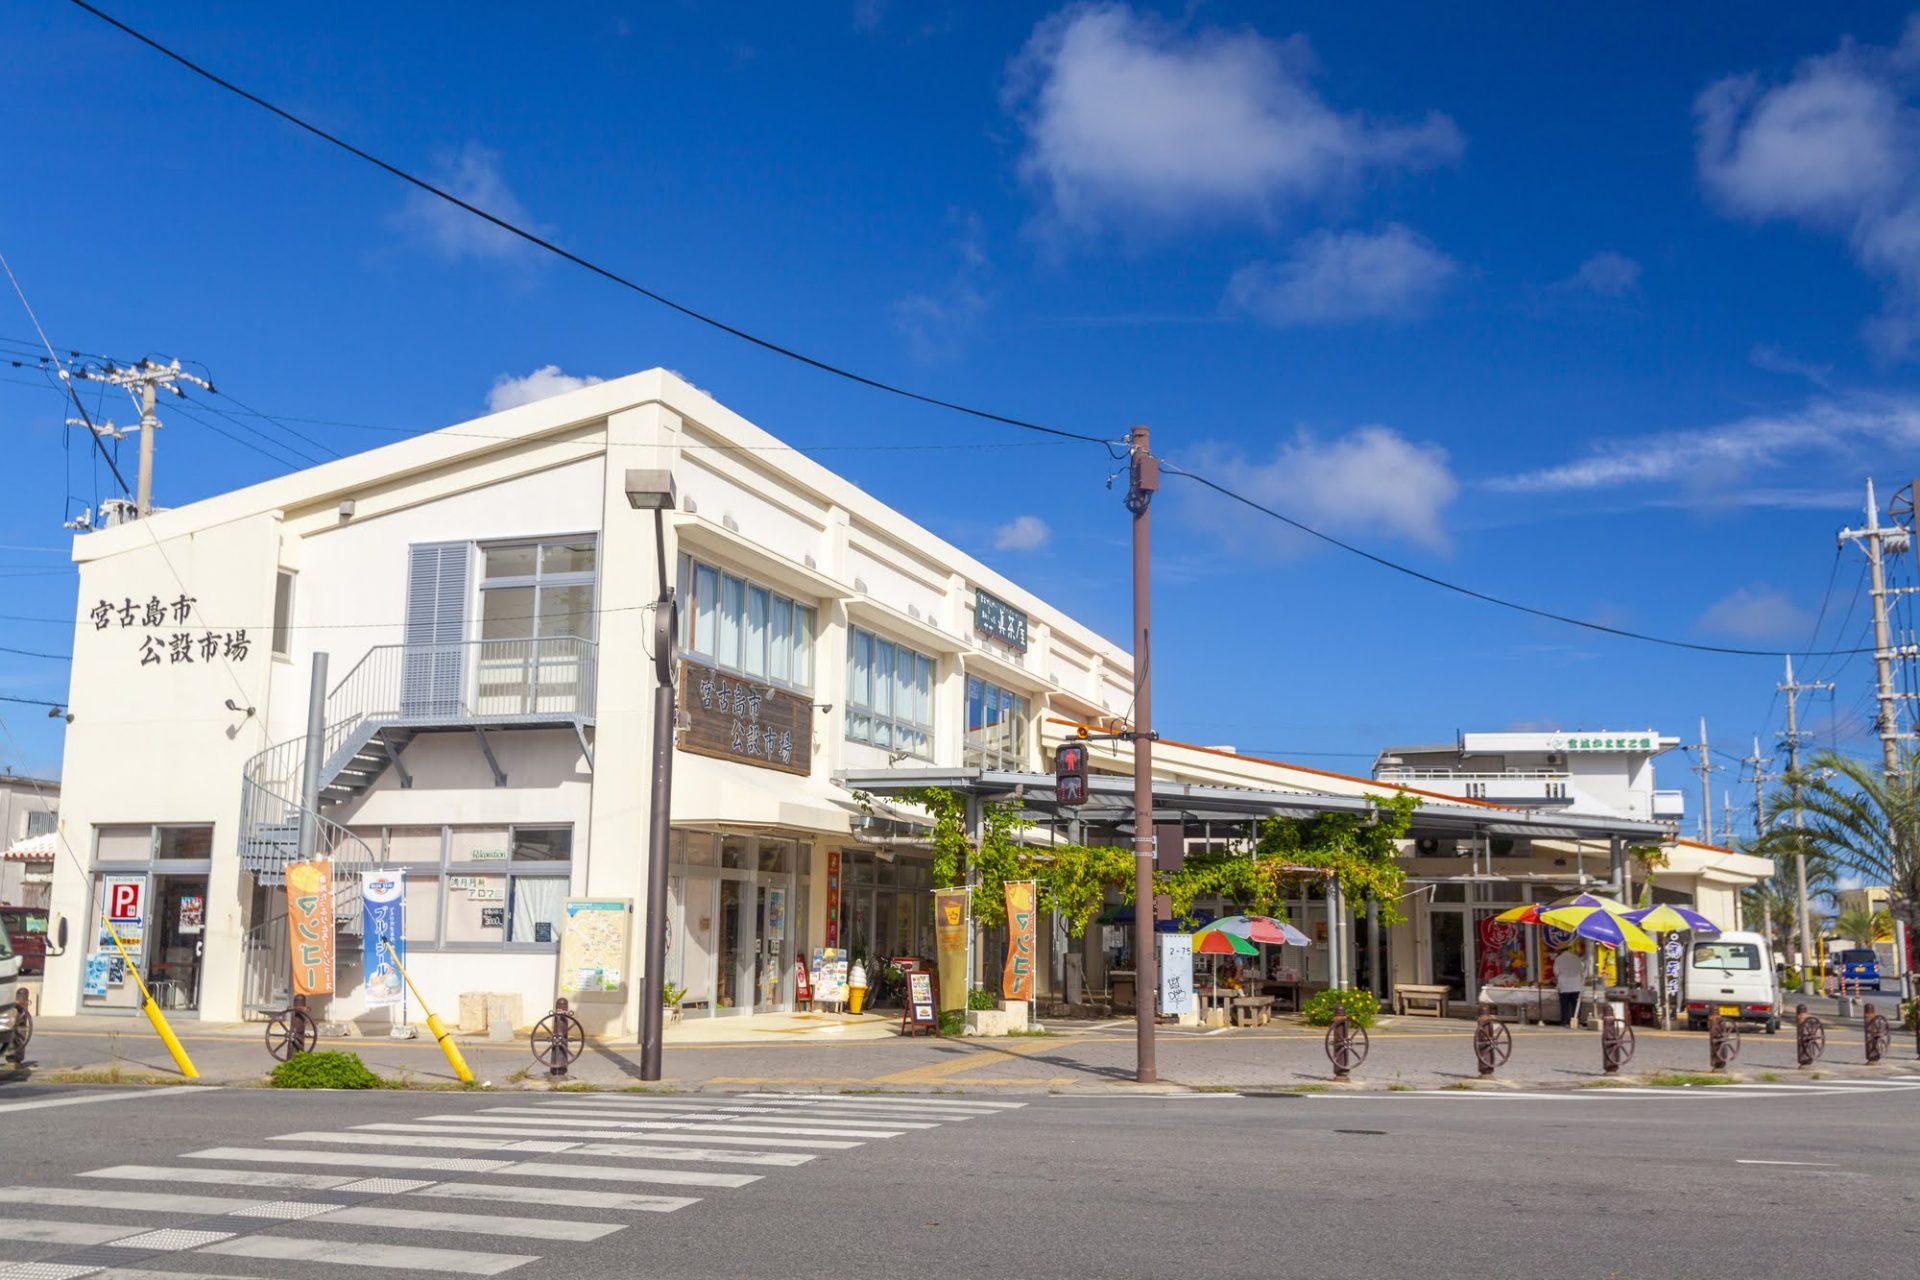 宮古島市公設市場 宮古島 観光 スポット おすすめ 沖縄 旅行